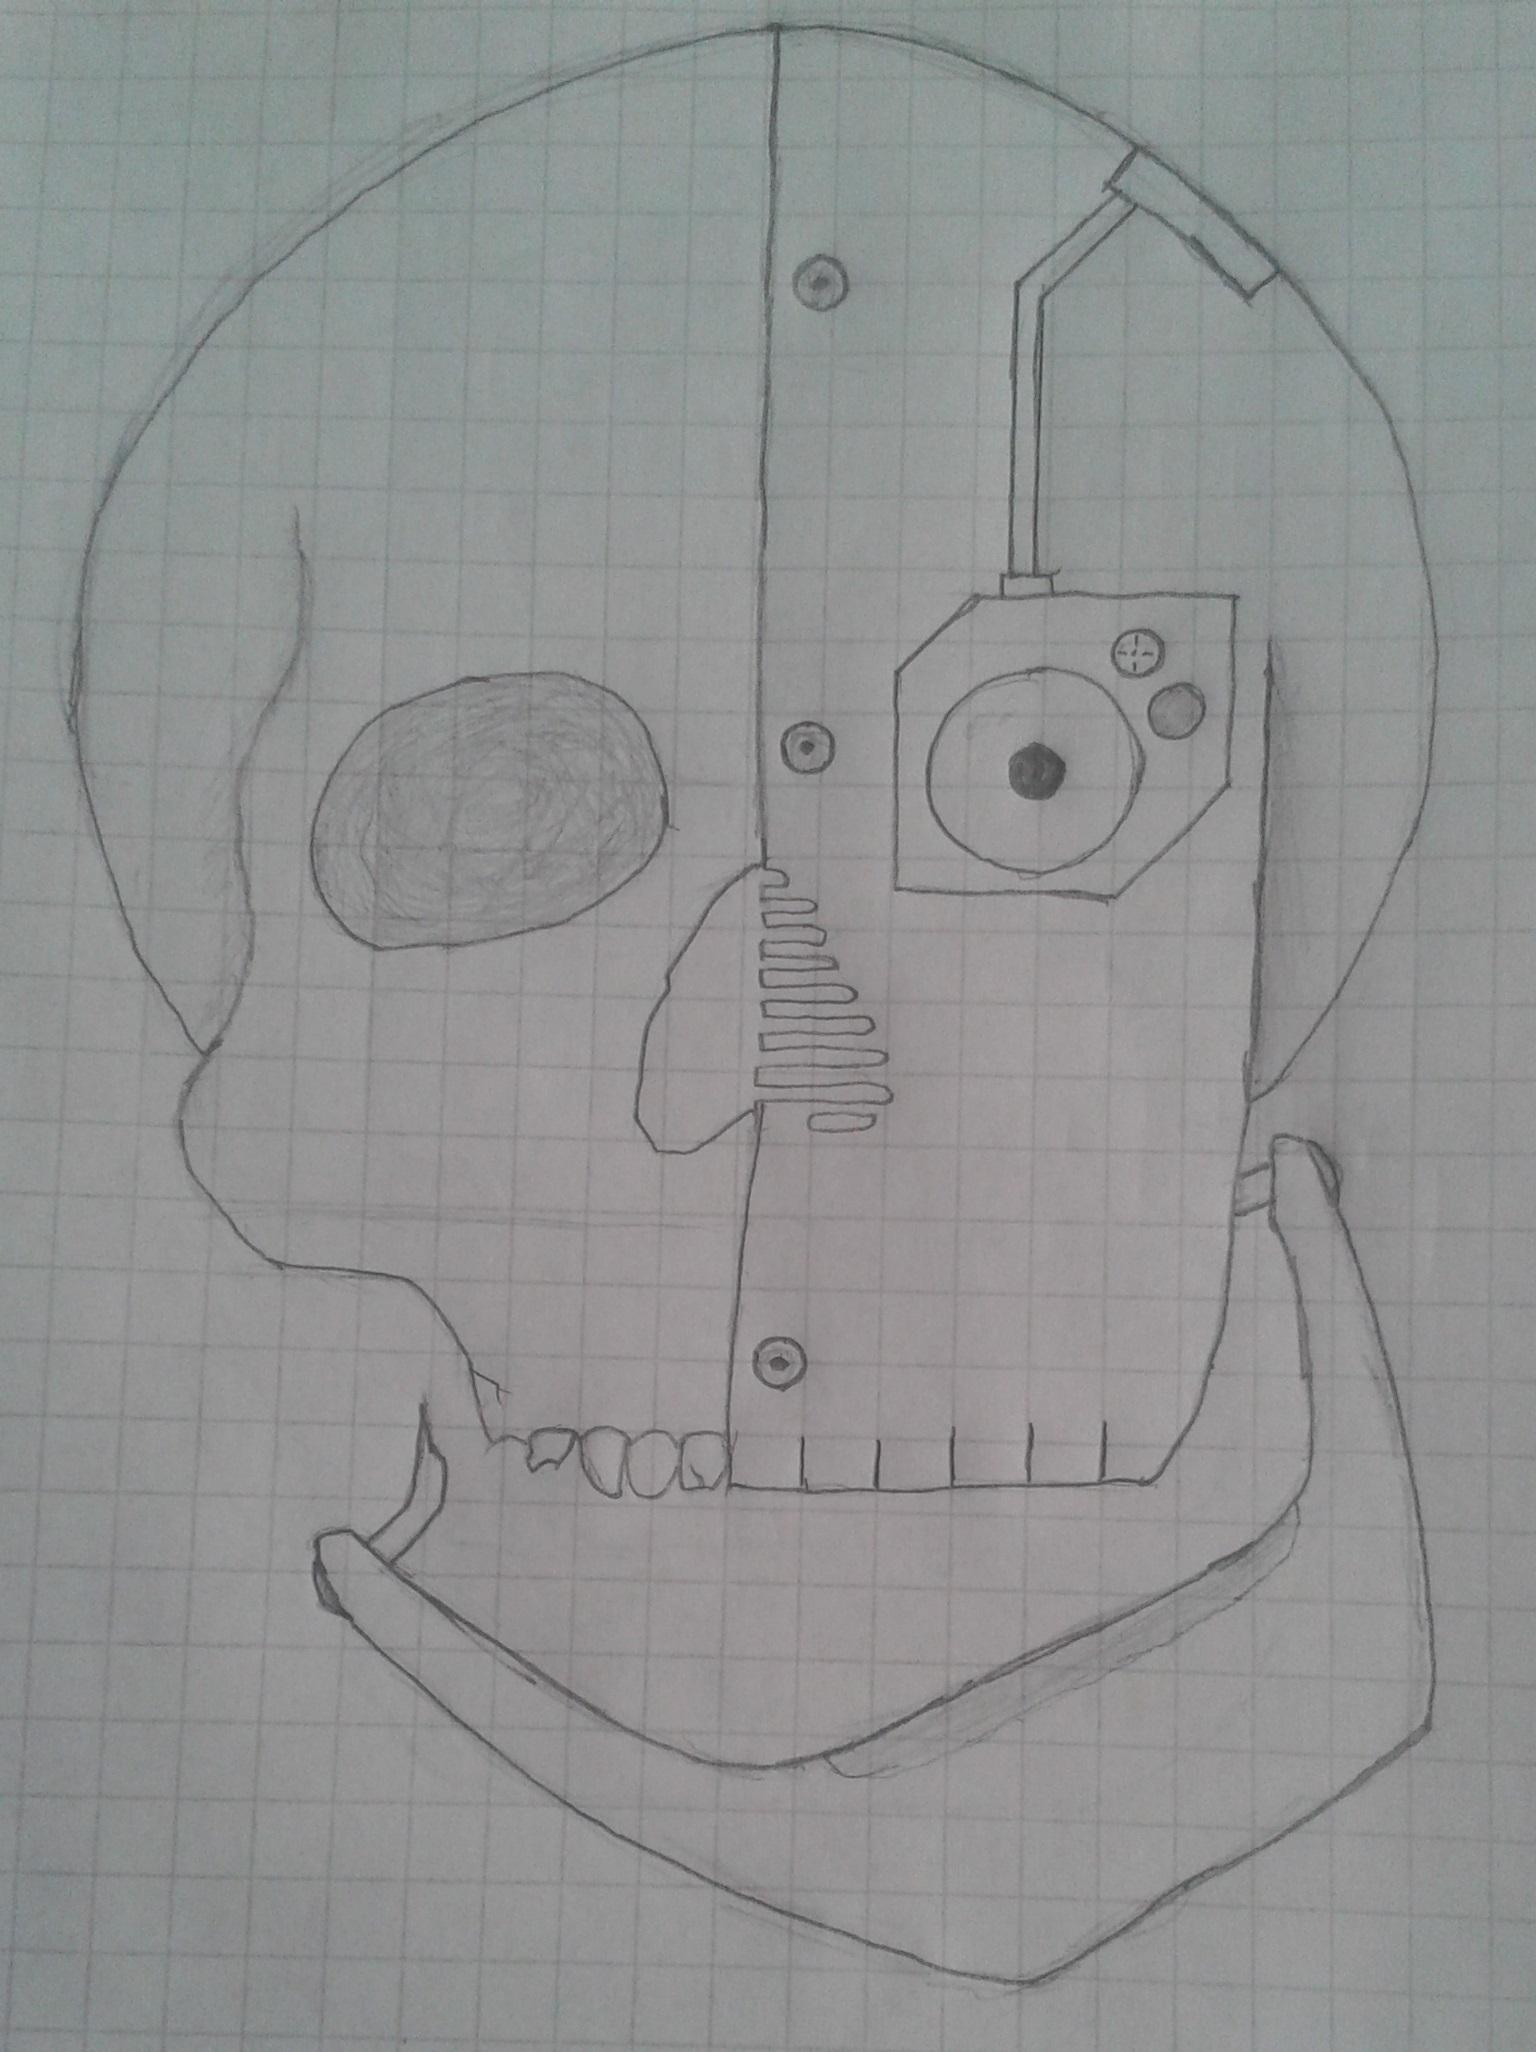 Half mechanized skull